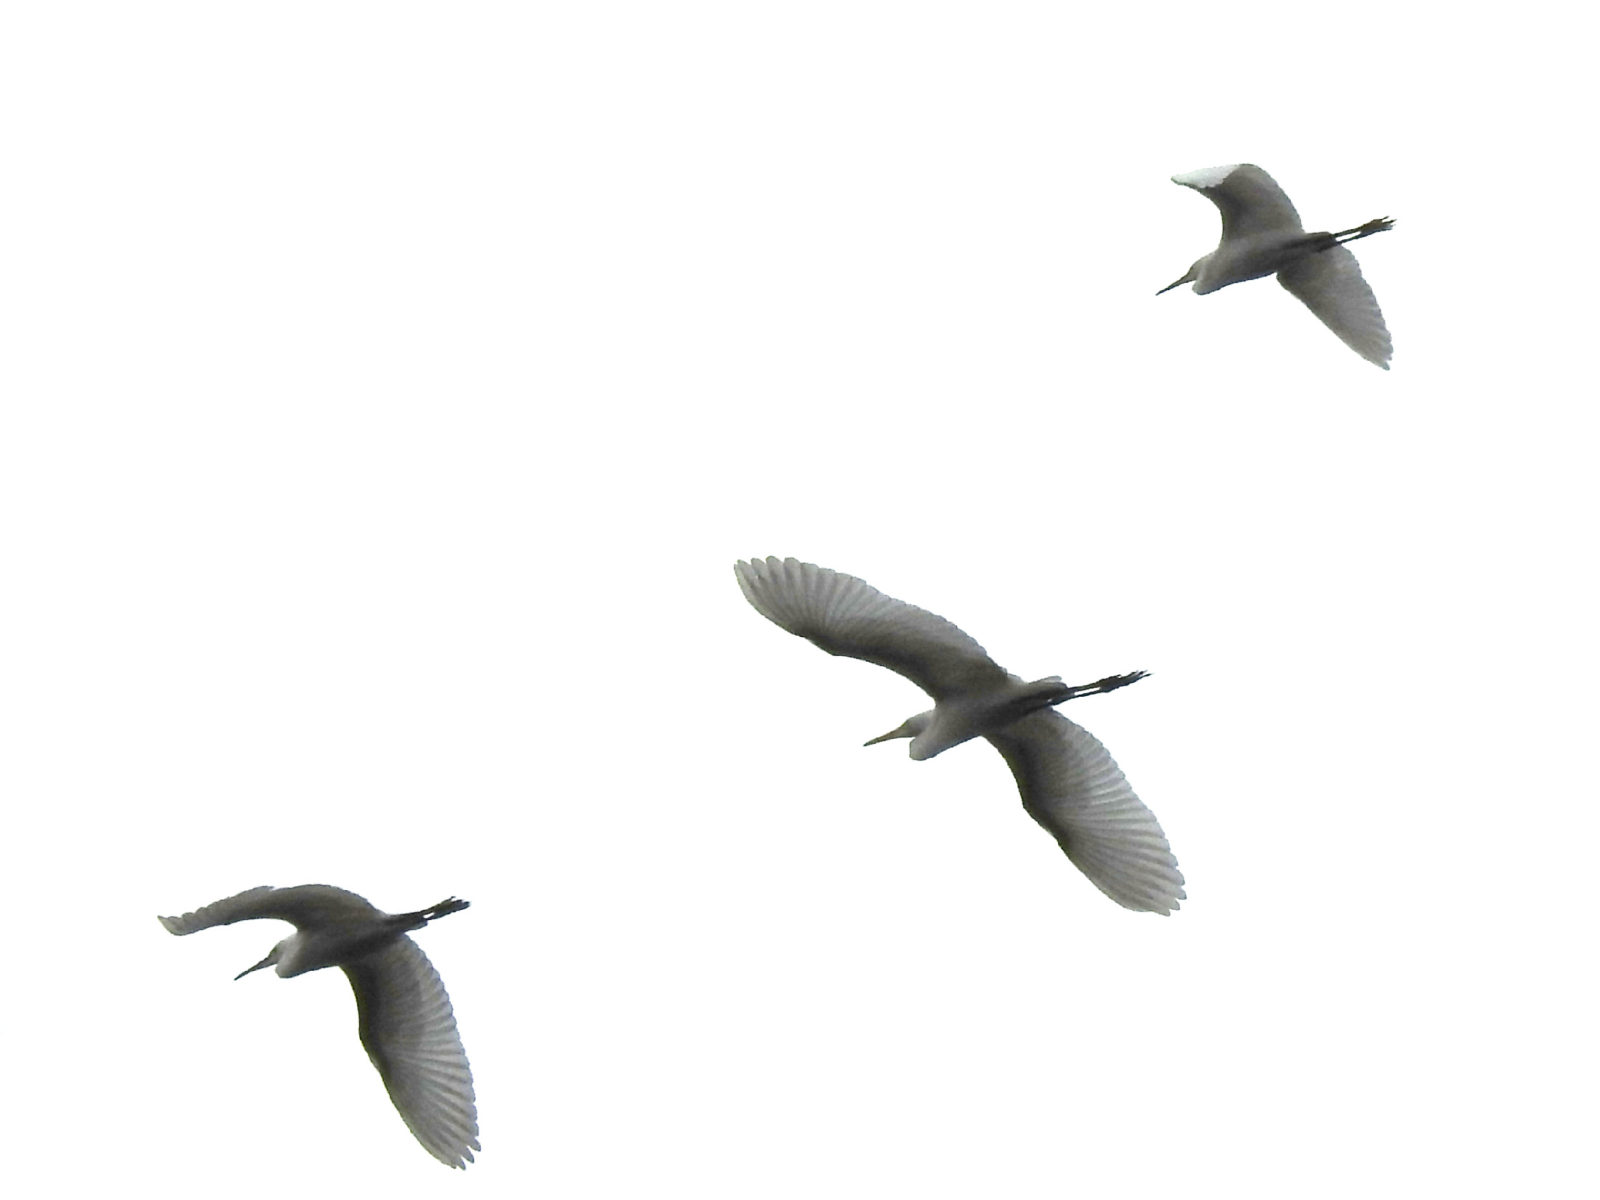 サギ類飛翔